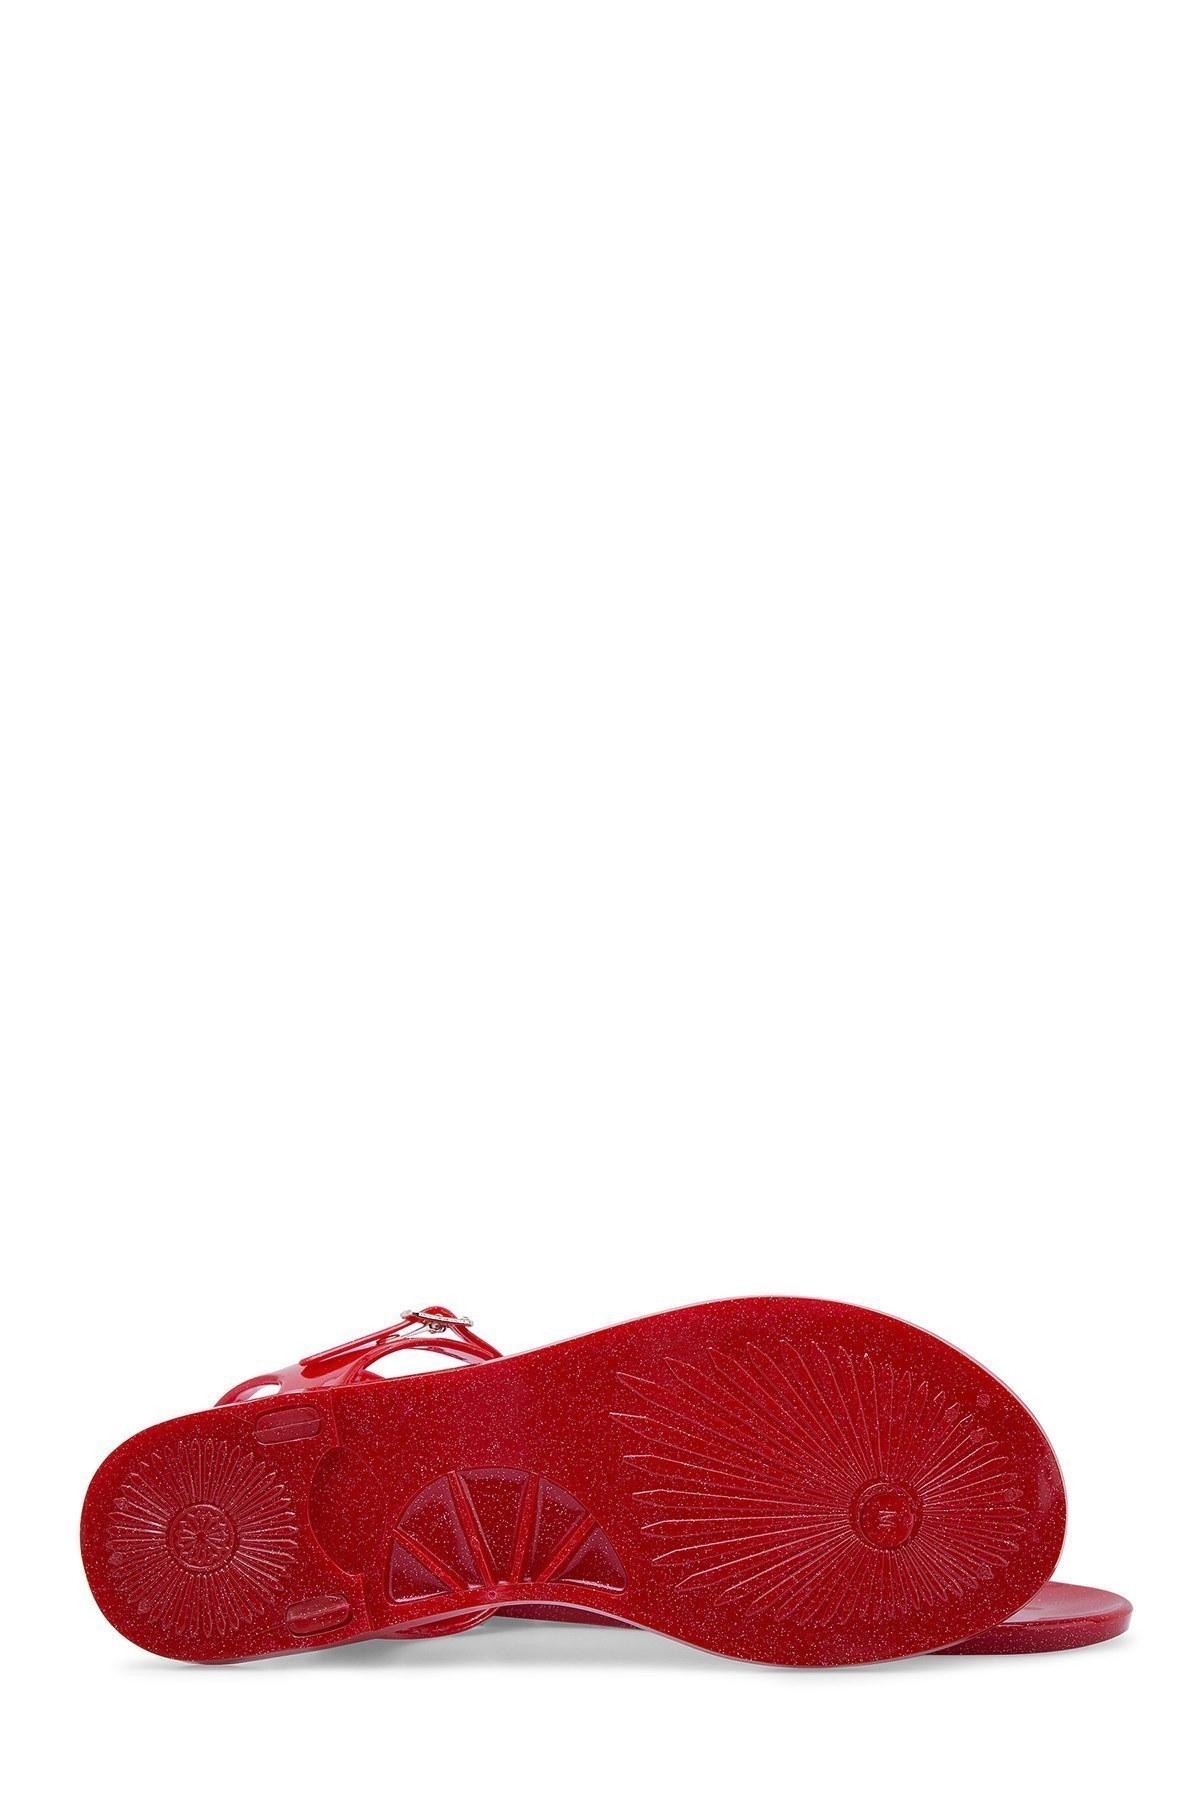 Emporio Armani Kadın Sandalet X3QS06 XL816 M604 Kırmızı-Gold